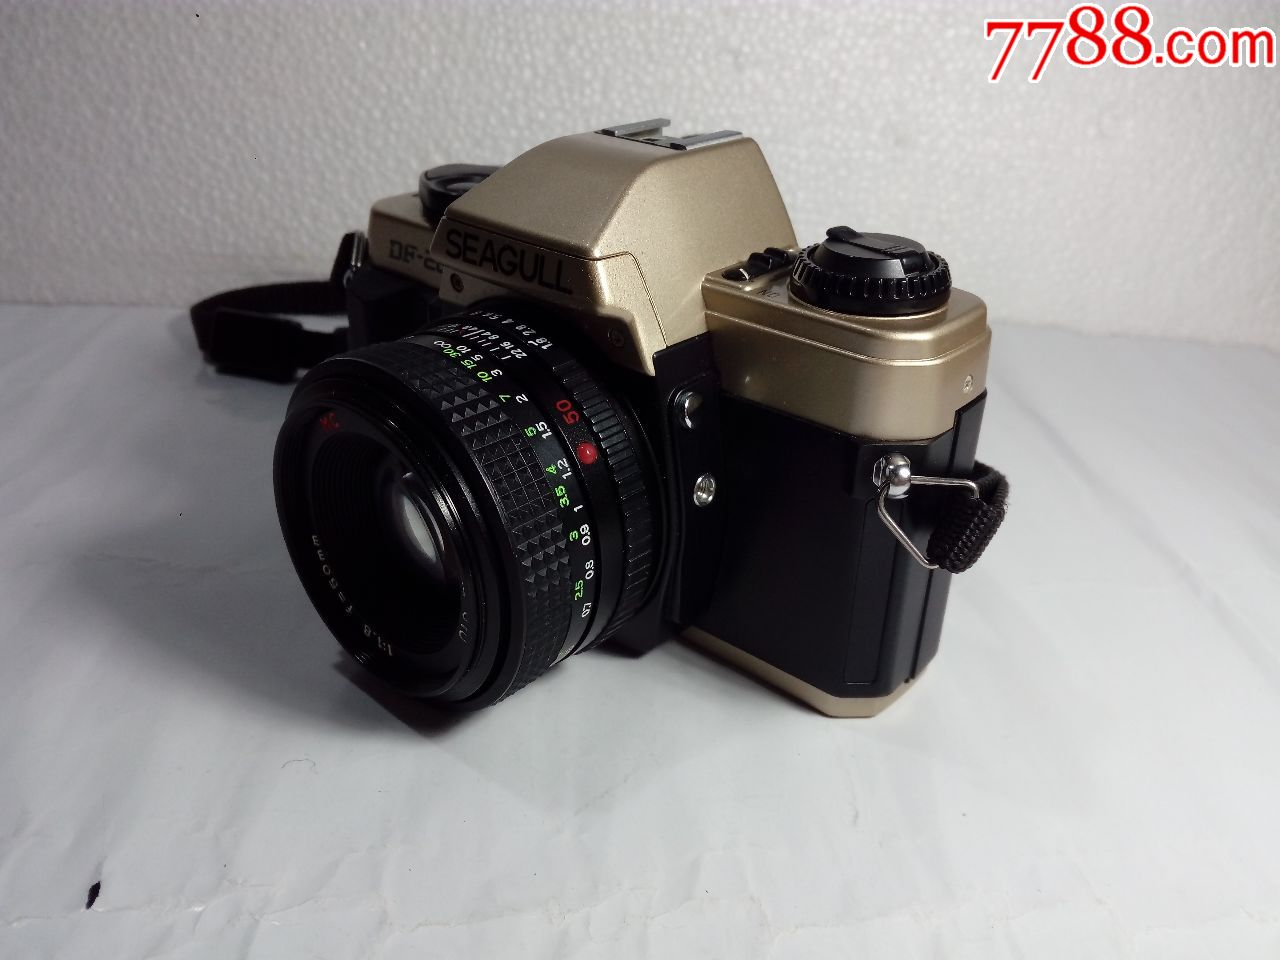 海鸥df-2000_价格60元_第4张